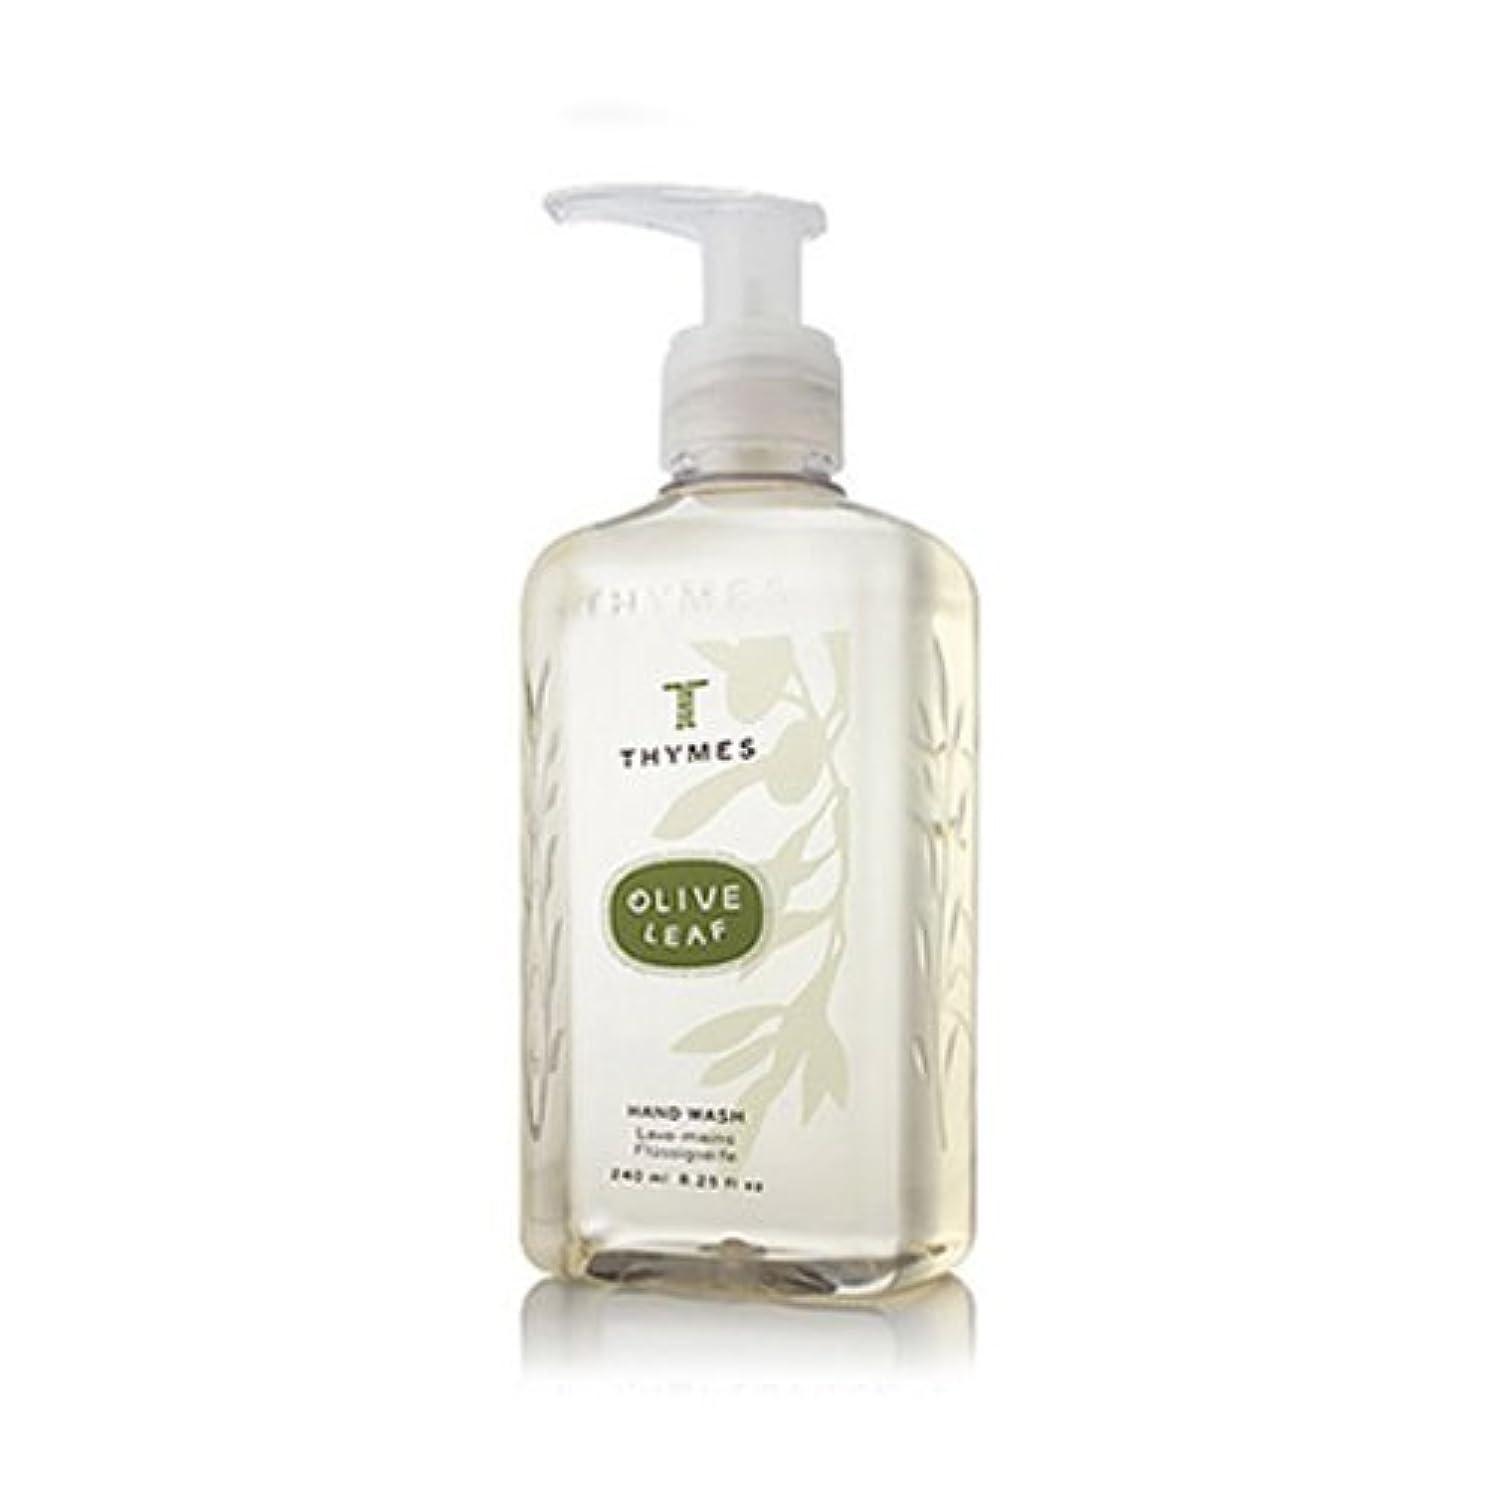 恐れるセンターパンフレットTHYMES タイムズ ハンドウォッシュ 240ml オリーブリーフ Hand Wash 8.25 fl oz Olive Leaf [並行輸入品]